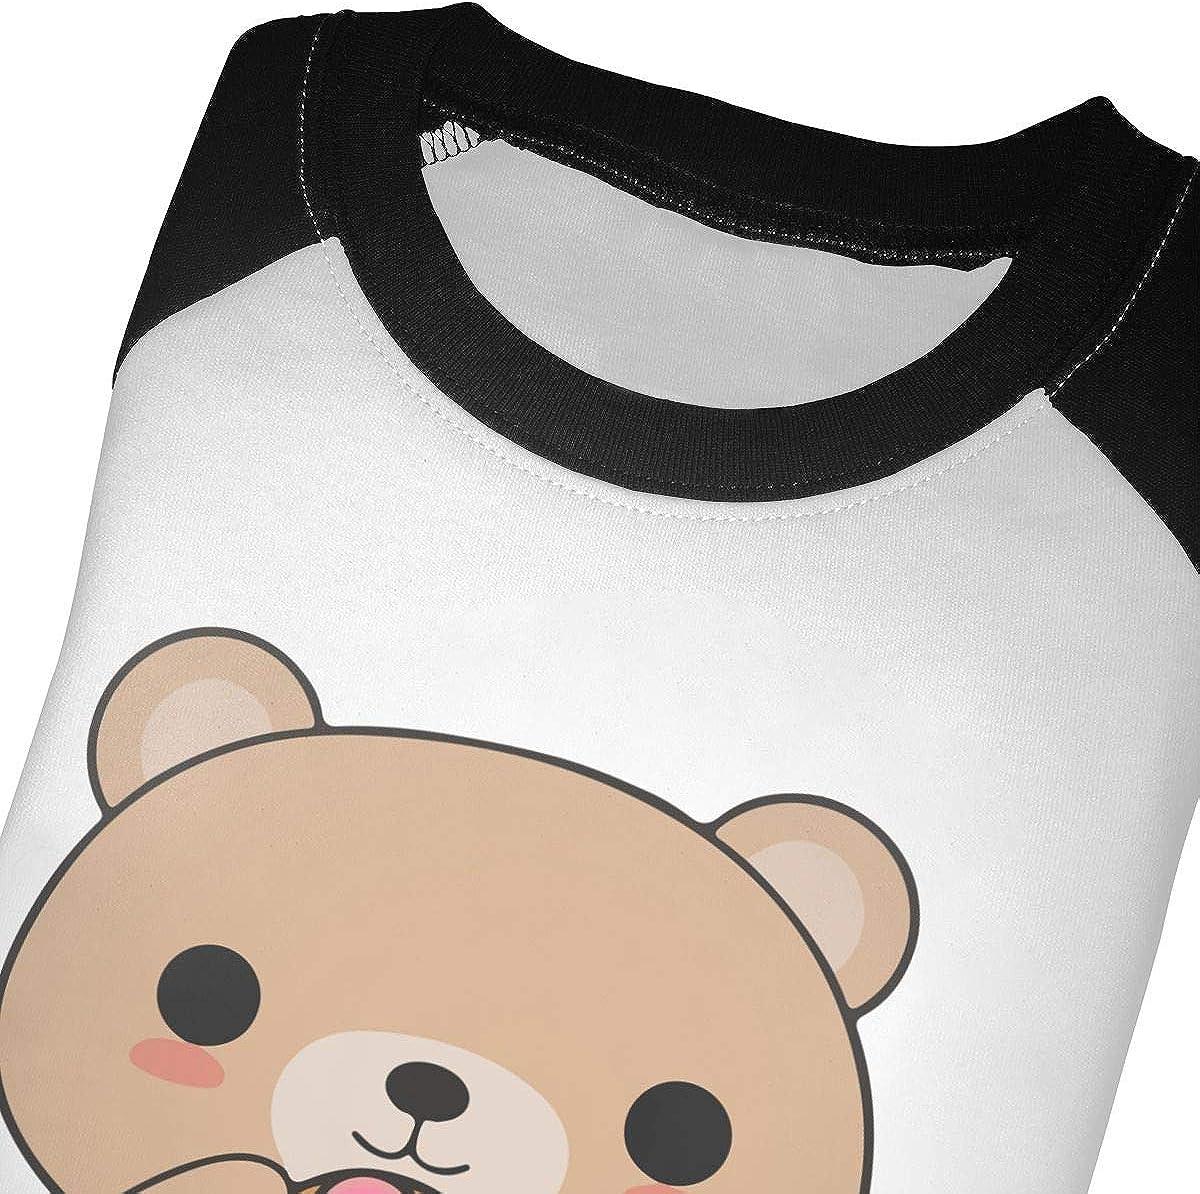 QPKMRTZTX0 Boys Girls Kids /& Toddler Bear Eating A Donut Long Sleeve T-Shirt 100/% Cotton